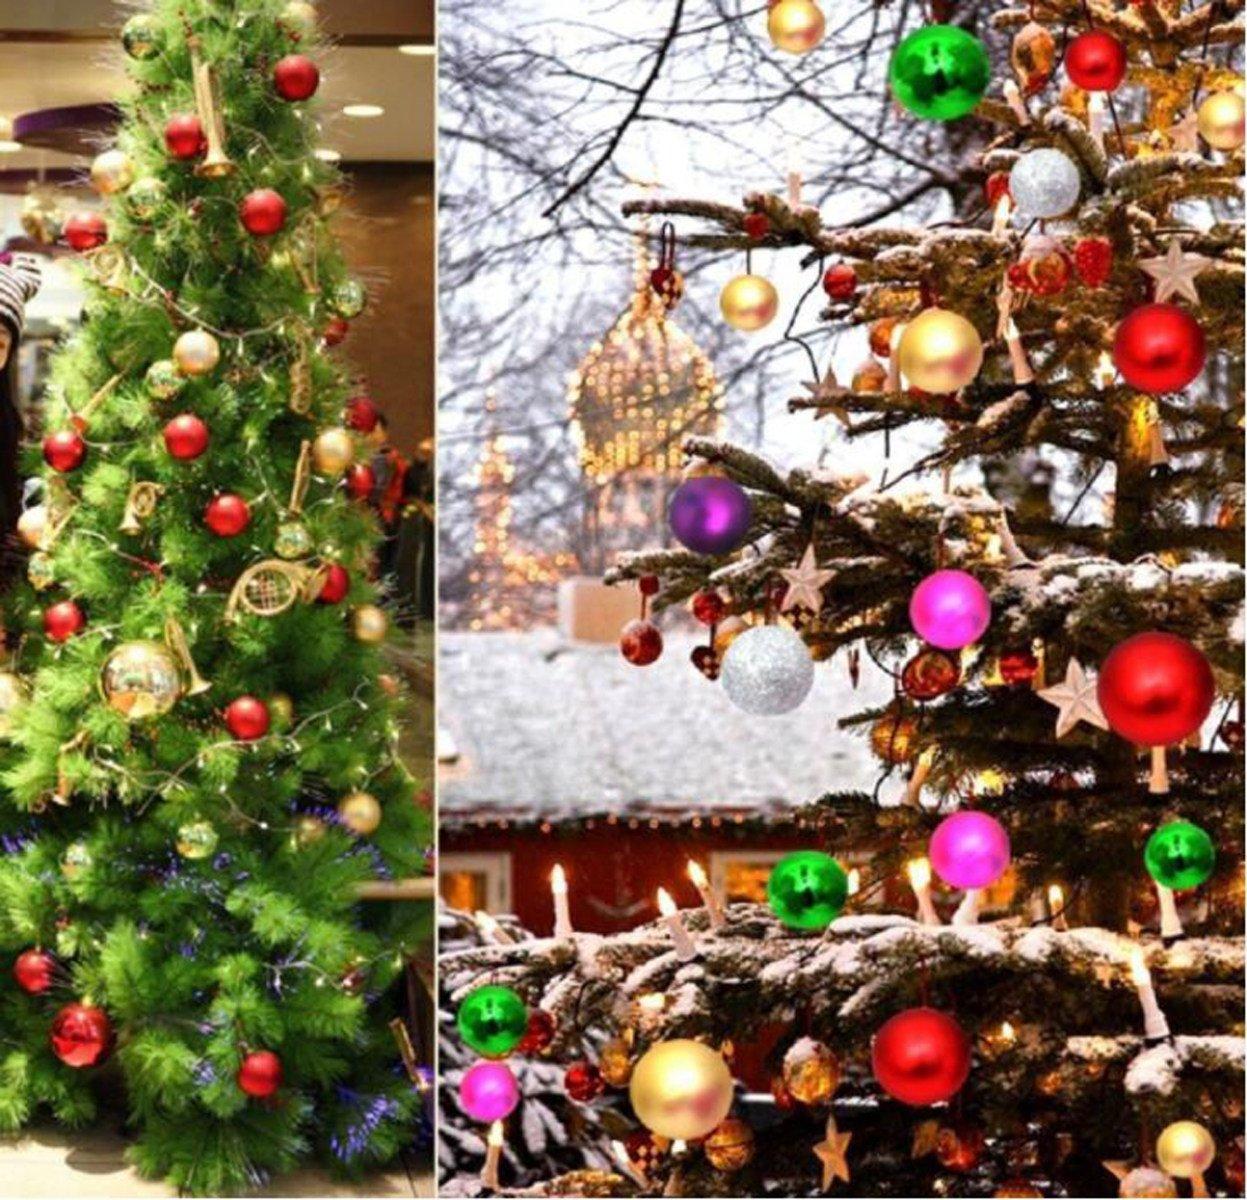 Bolas De Navidad Árbol De Navidad Decoración De Navidad Bolas De Navidad Bola Pintada En Botella,Goldandred: Amazon.es: Hogar